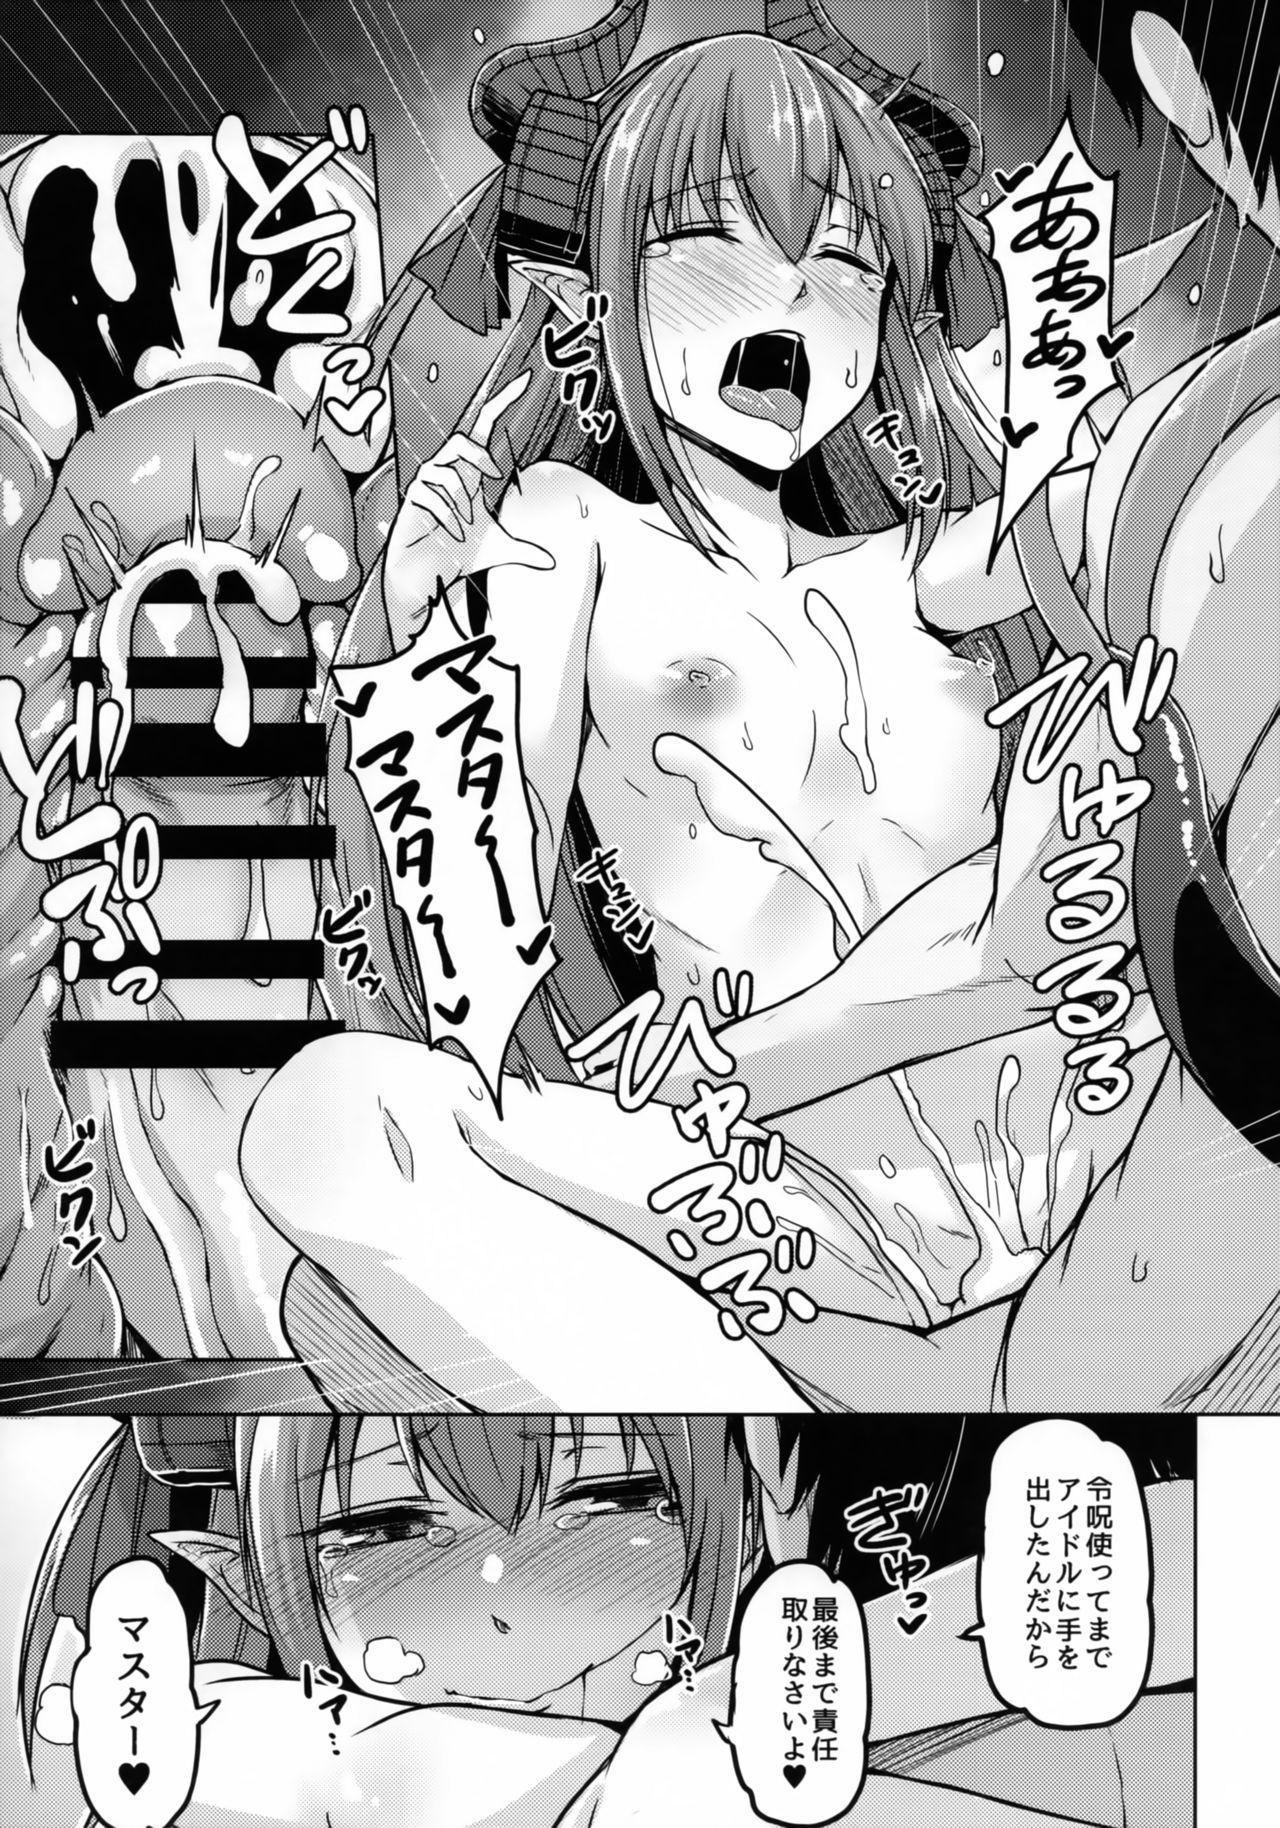 Reiju o Motte Hoshi 4 Servant to Ecchi Shitai 25